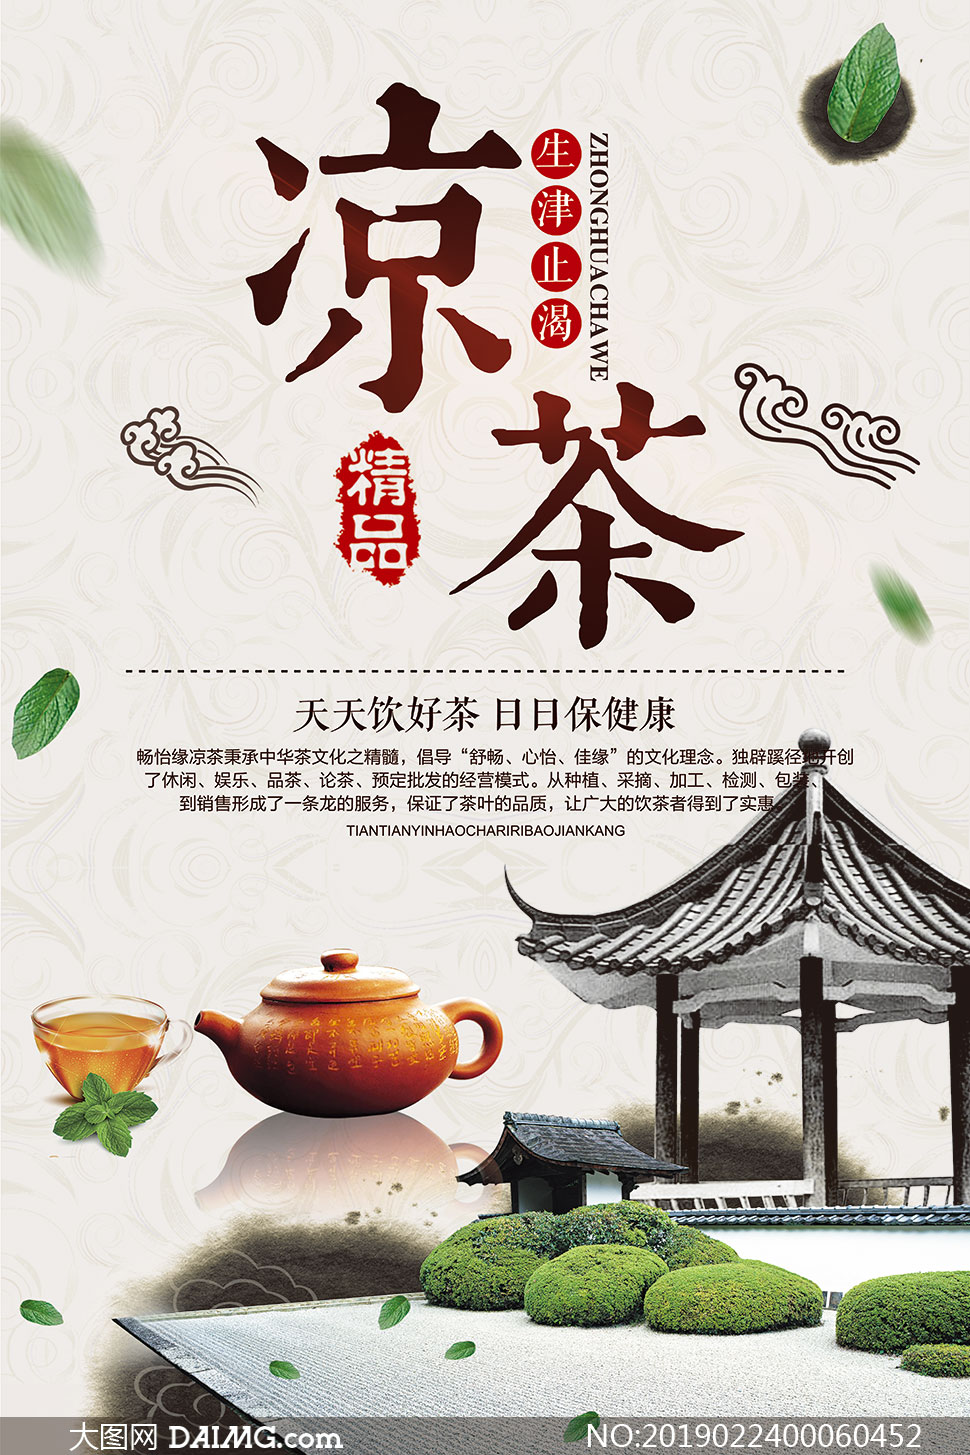 中国风精品凉茶宣传海报设计PSD素材